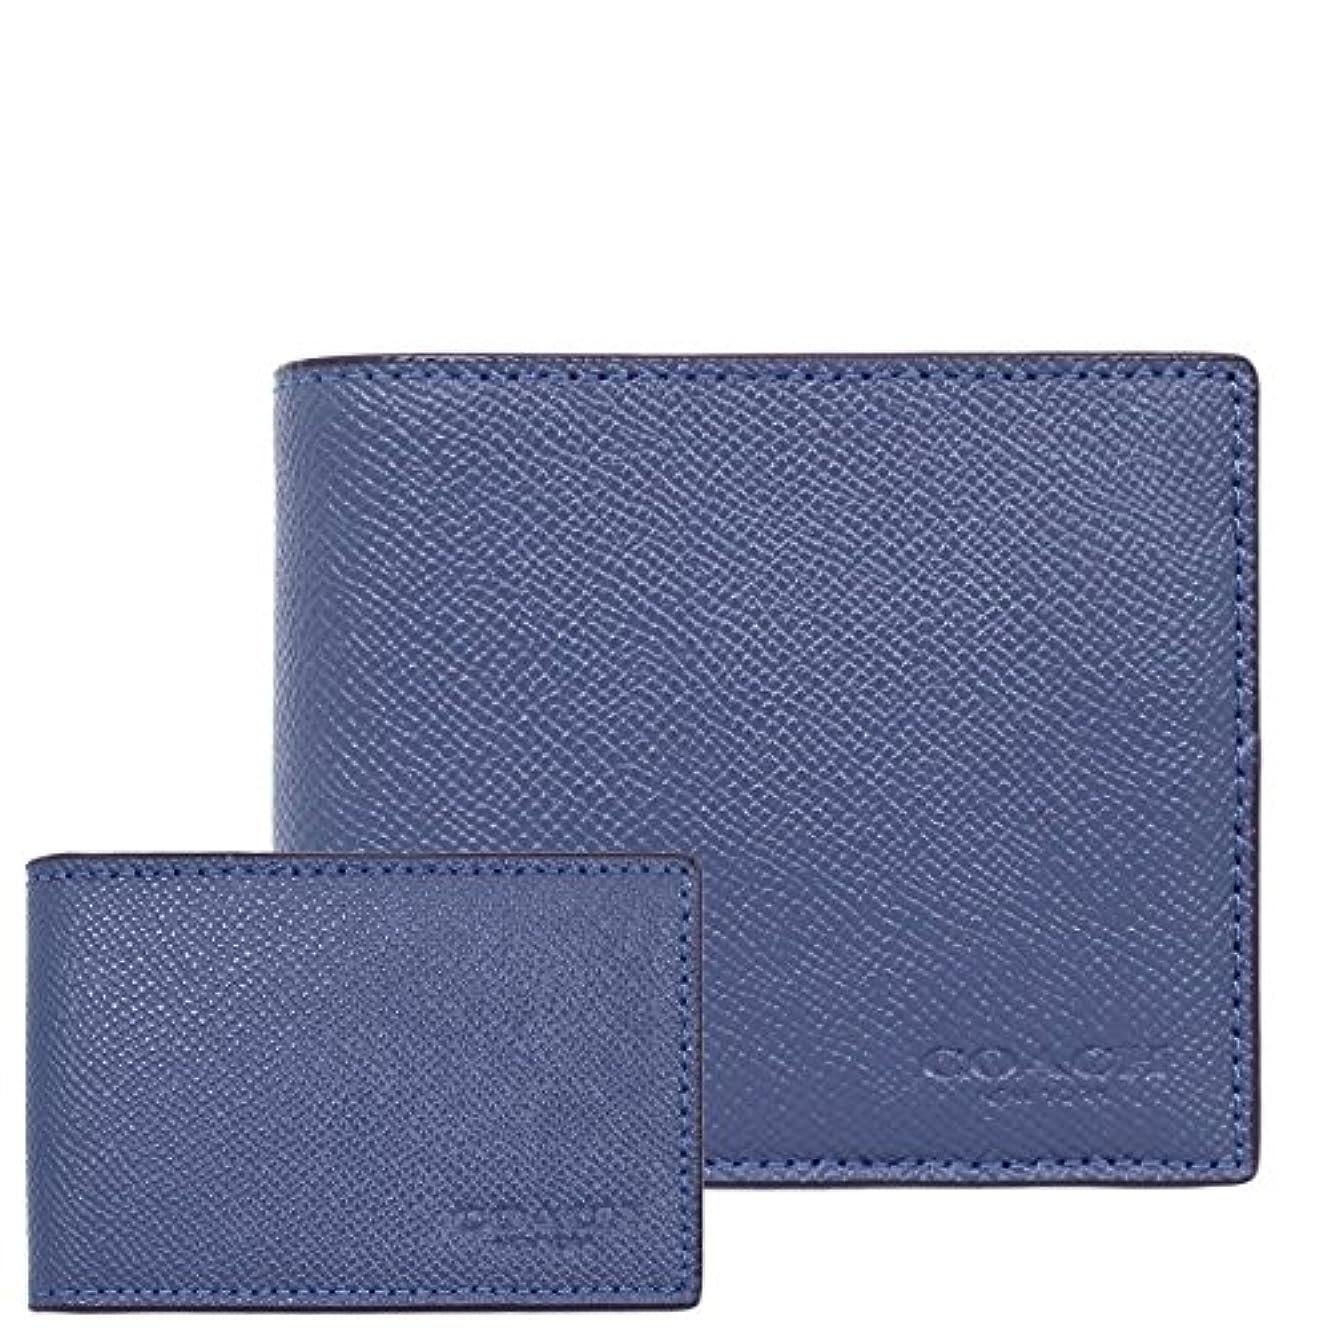 自発に沿って細分化する[コーチ] COACH 財布 (二つ折り財布) F59112 ダークデニム DDE レザー 二つ折り財布 メンズ [アウトレット品] [並行輸入品]